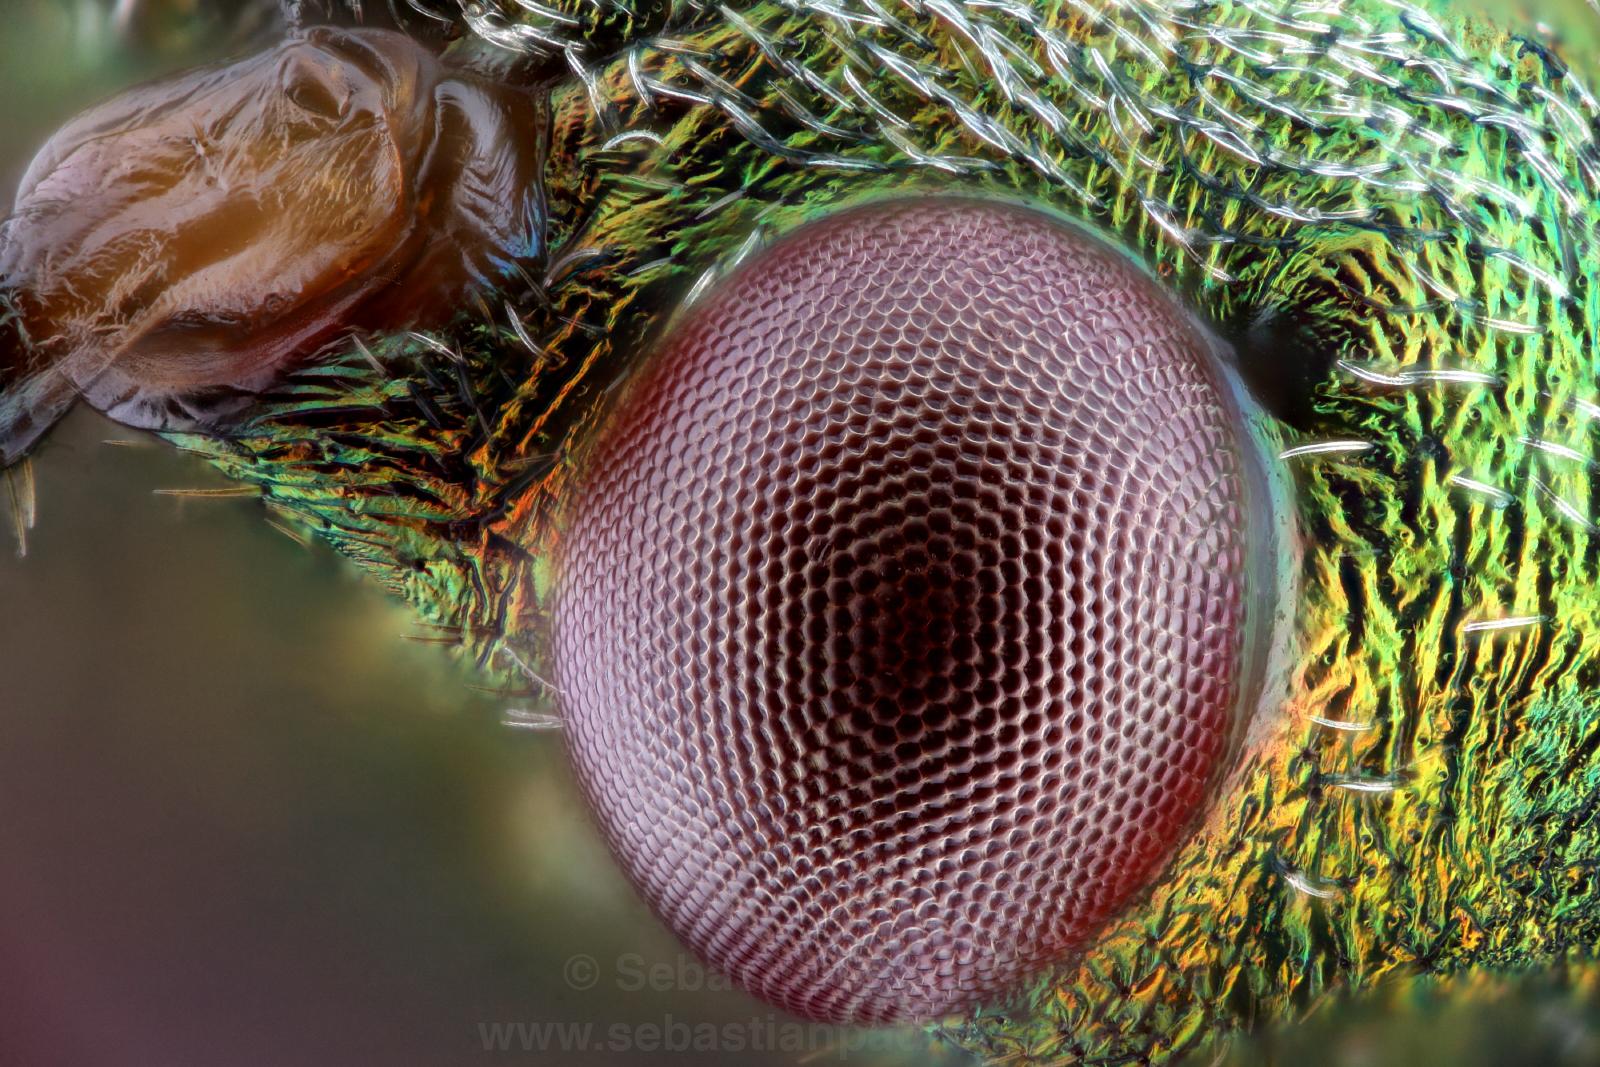 Paryphes flavocinctus